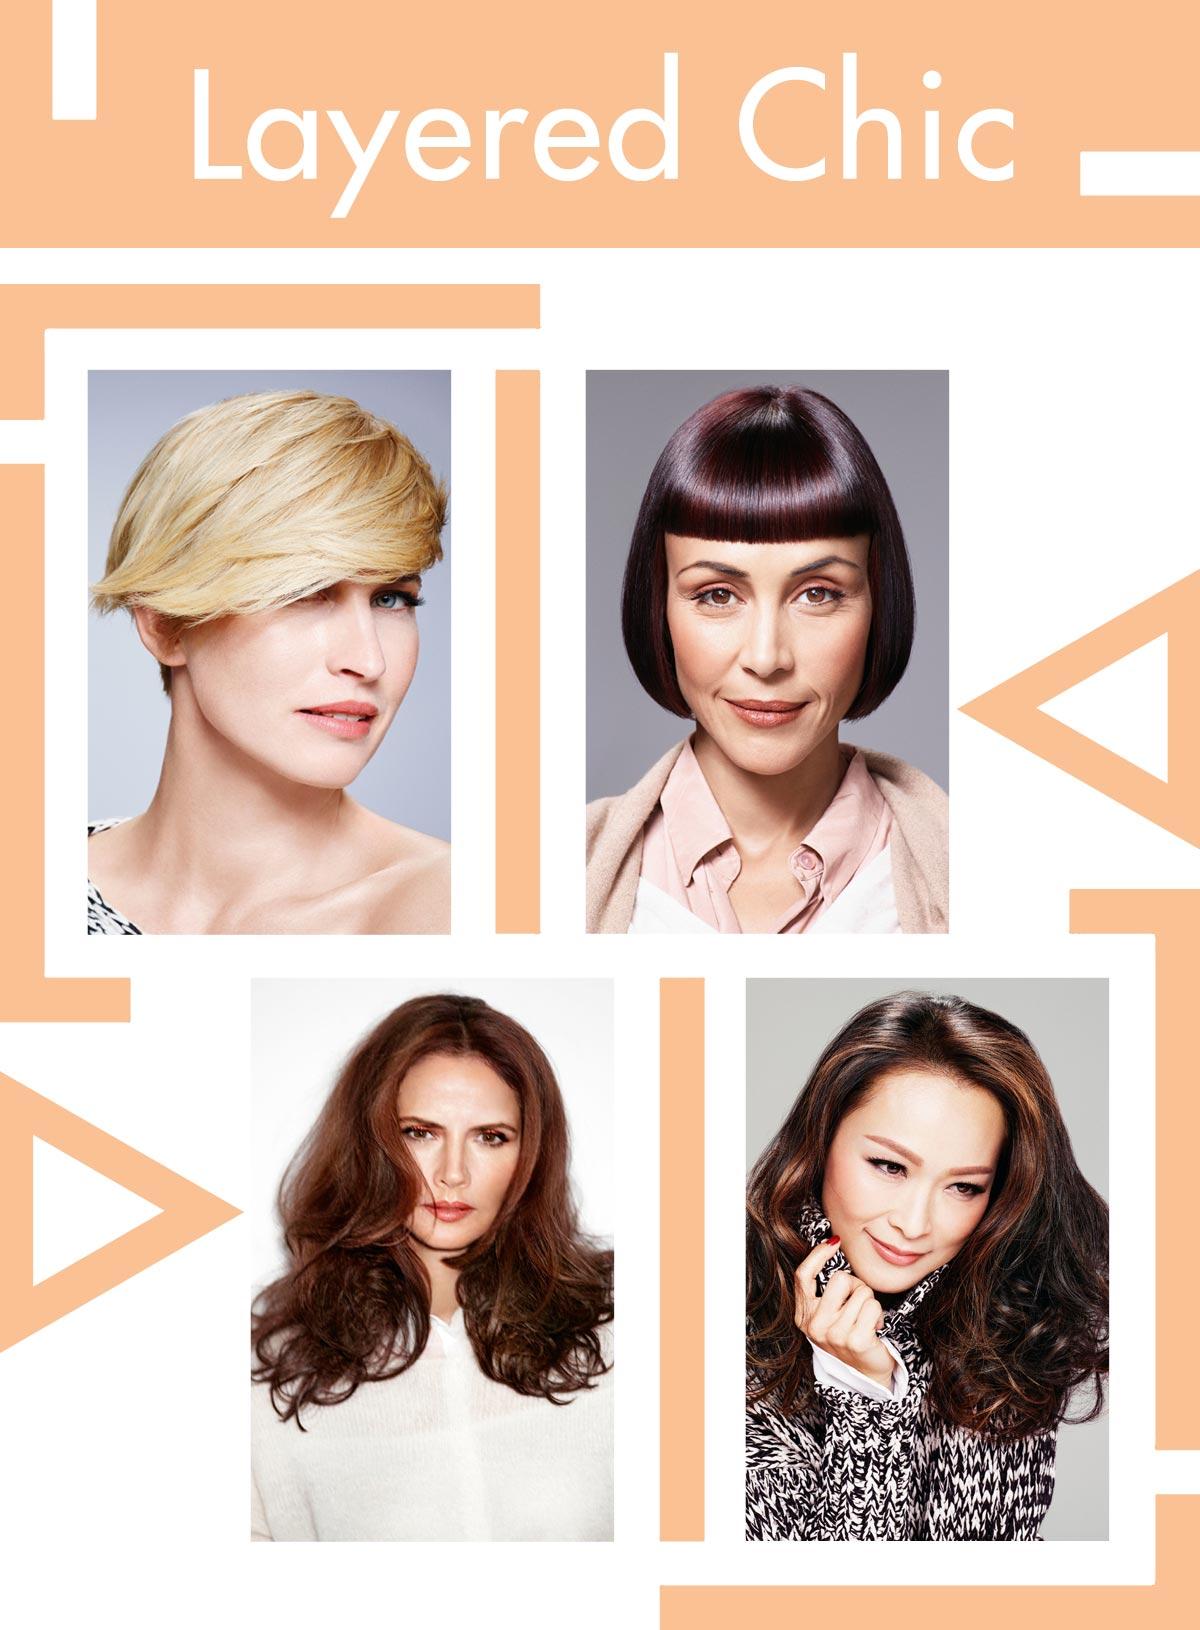 Trendy účesy pro starší ženy Schwarzkopf Professional – Layered Chic.